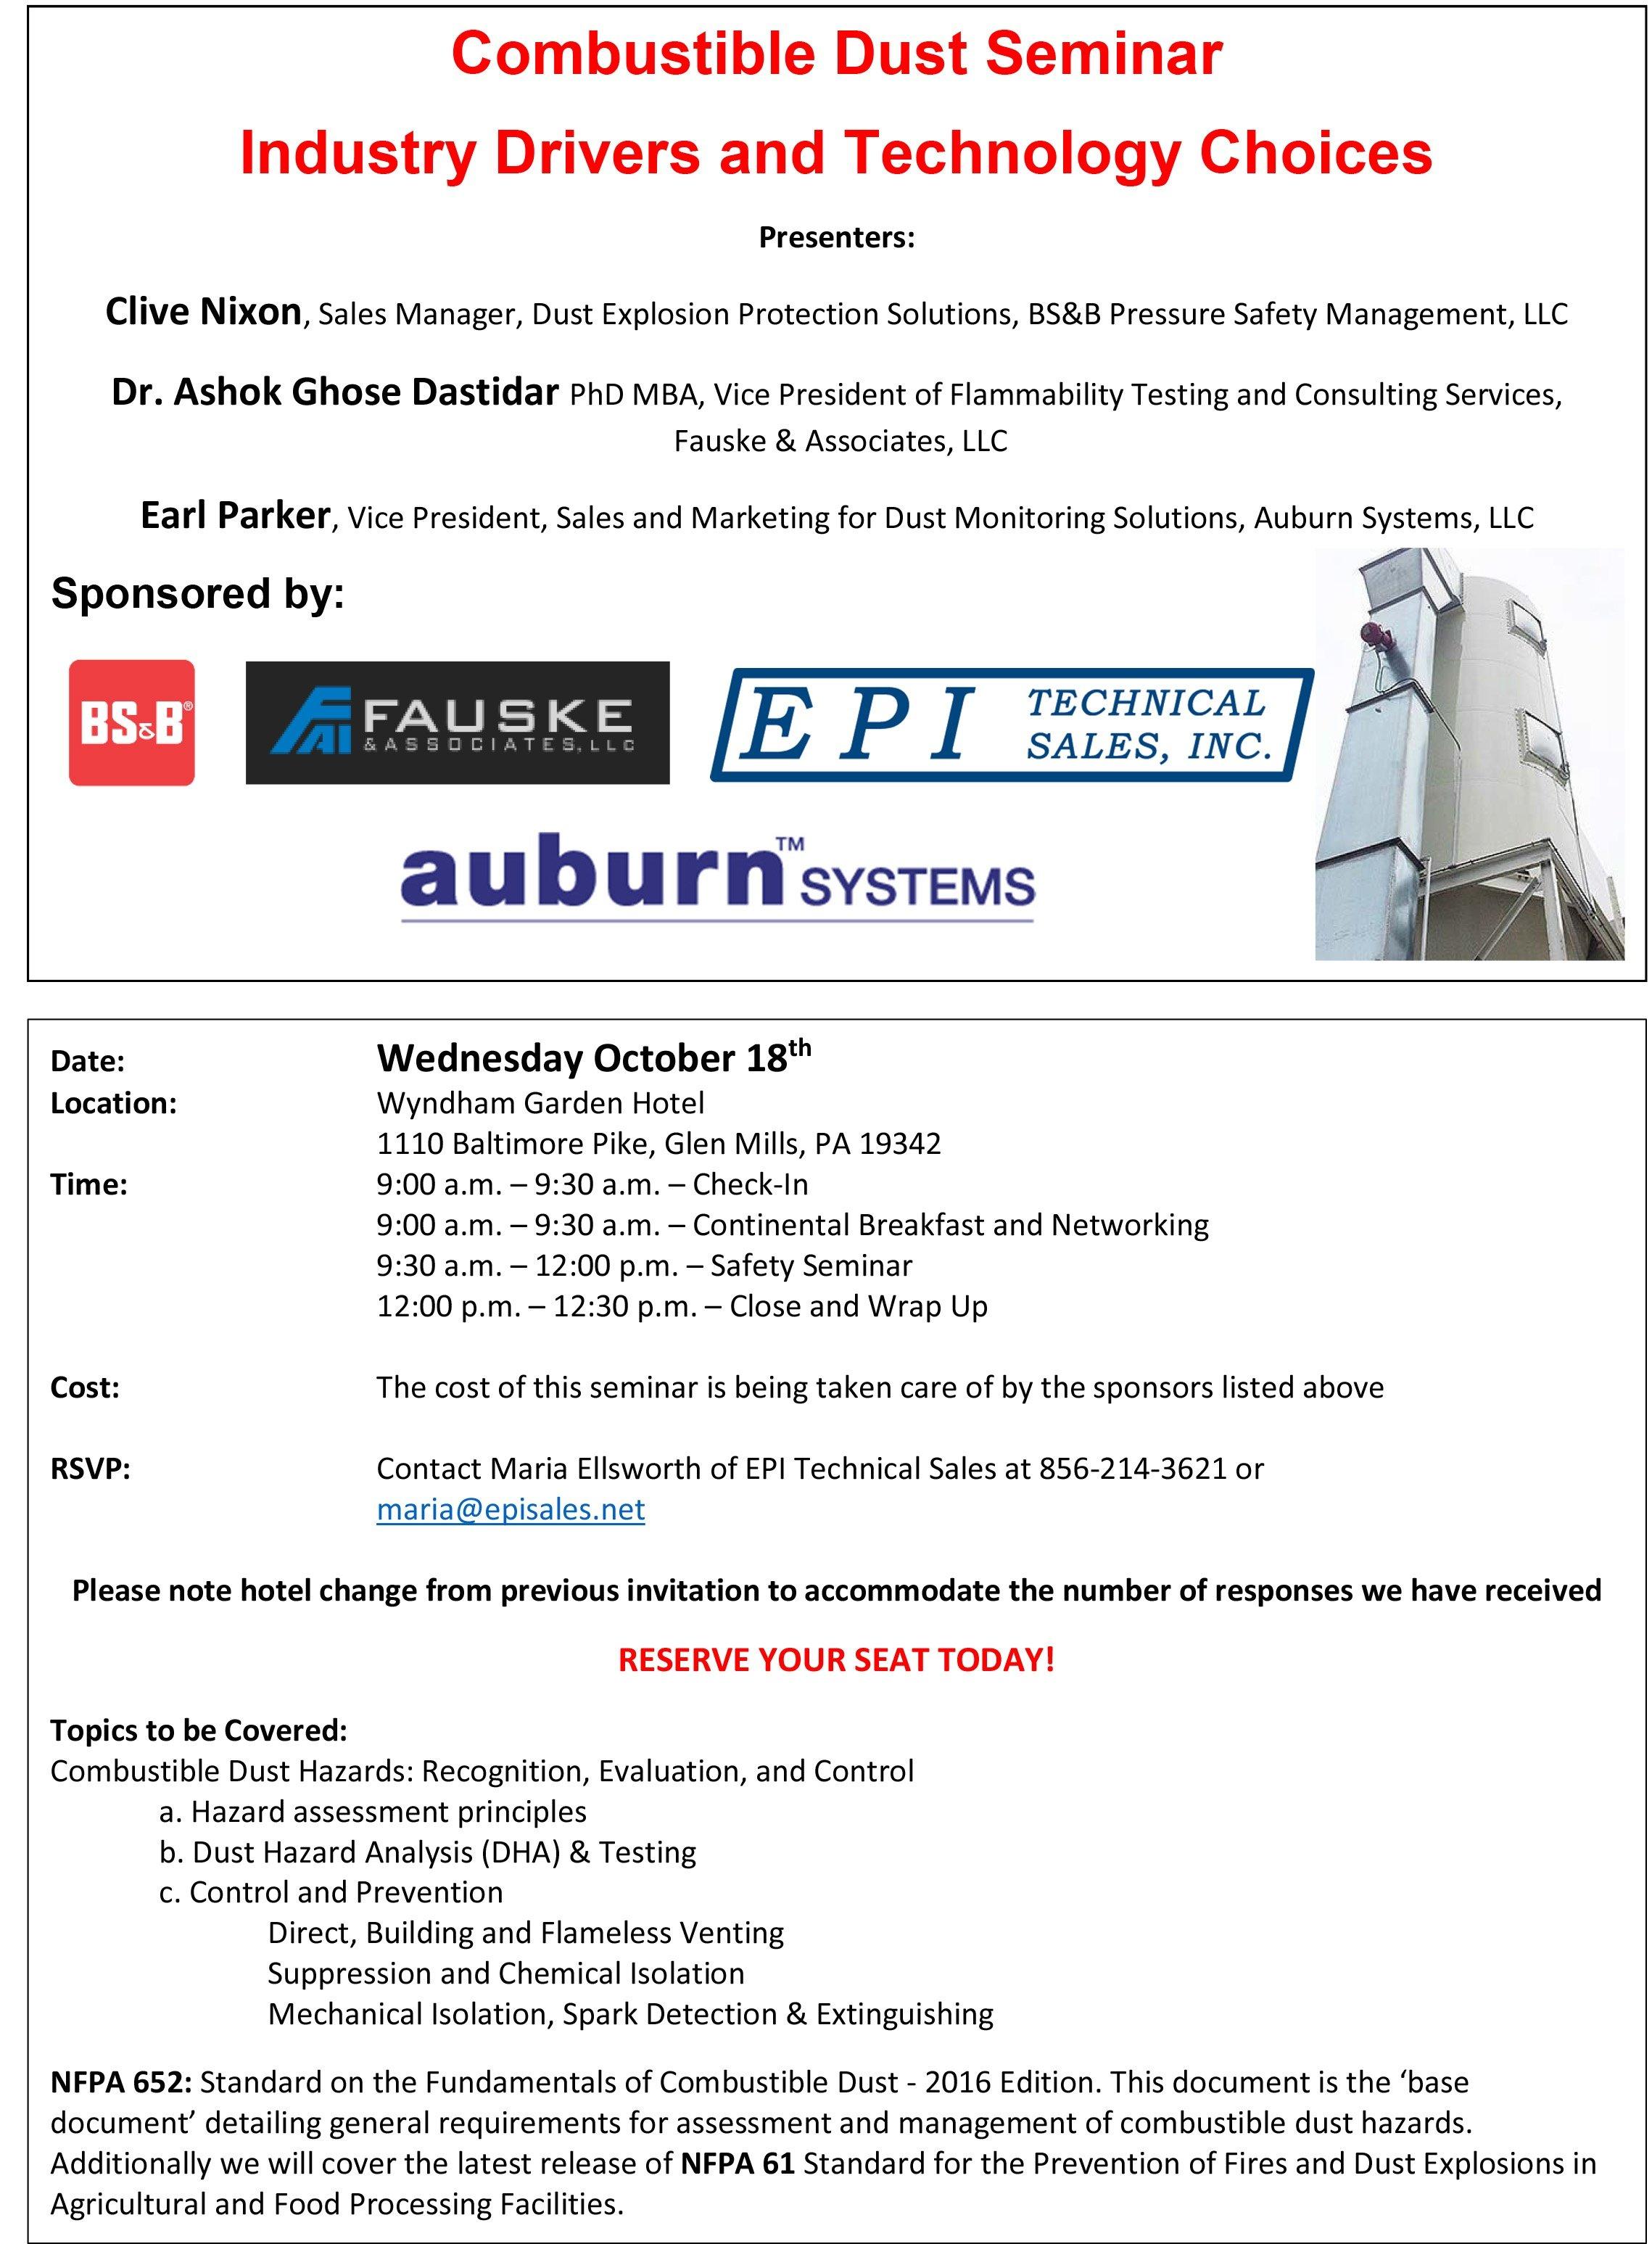 Invitation Explosion Protection Seminar  October 18 - 2017 Rev 1.jpg